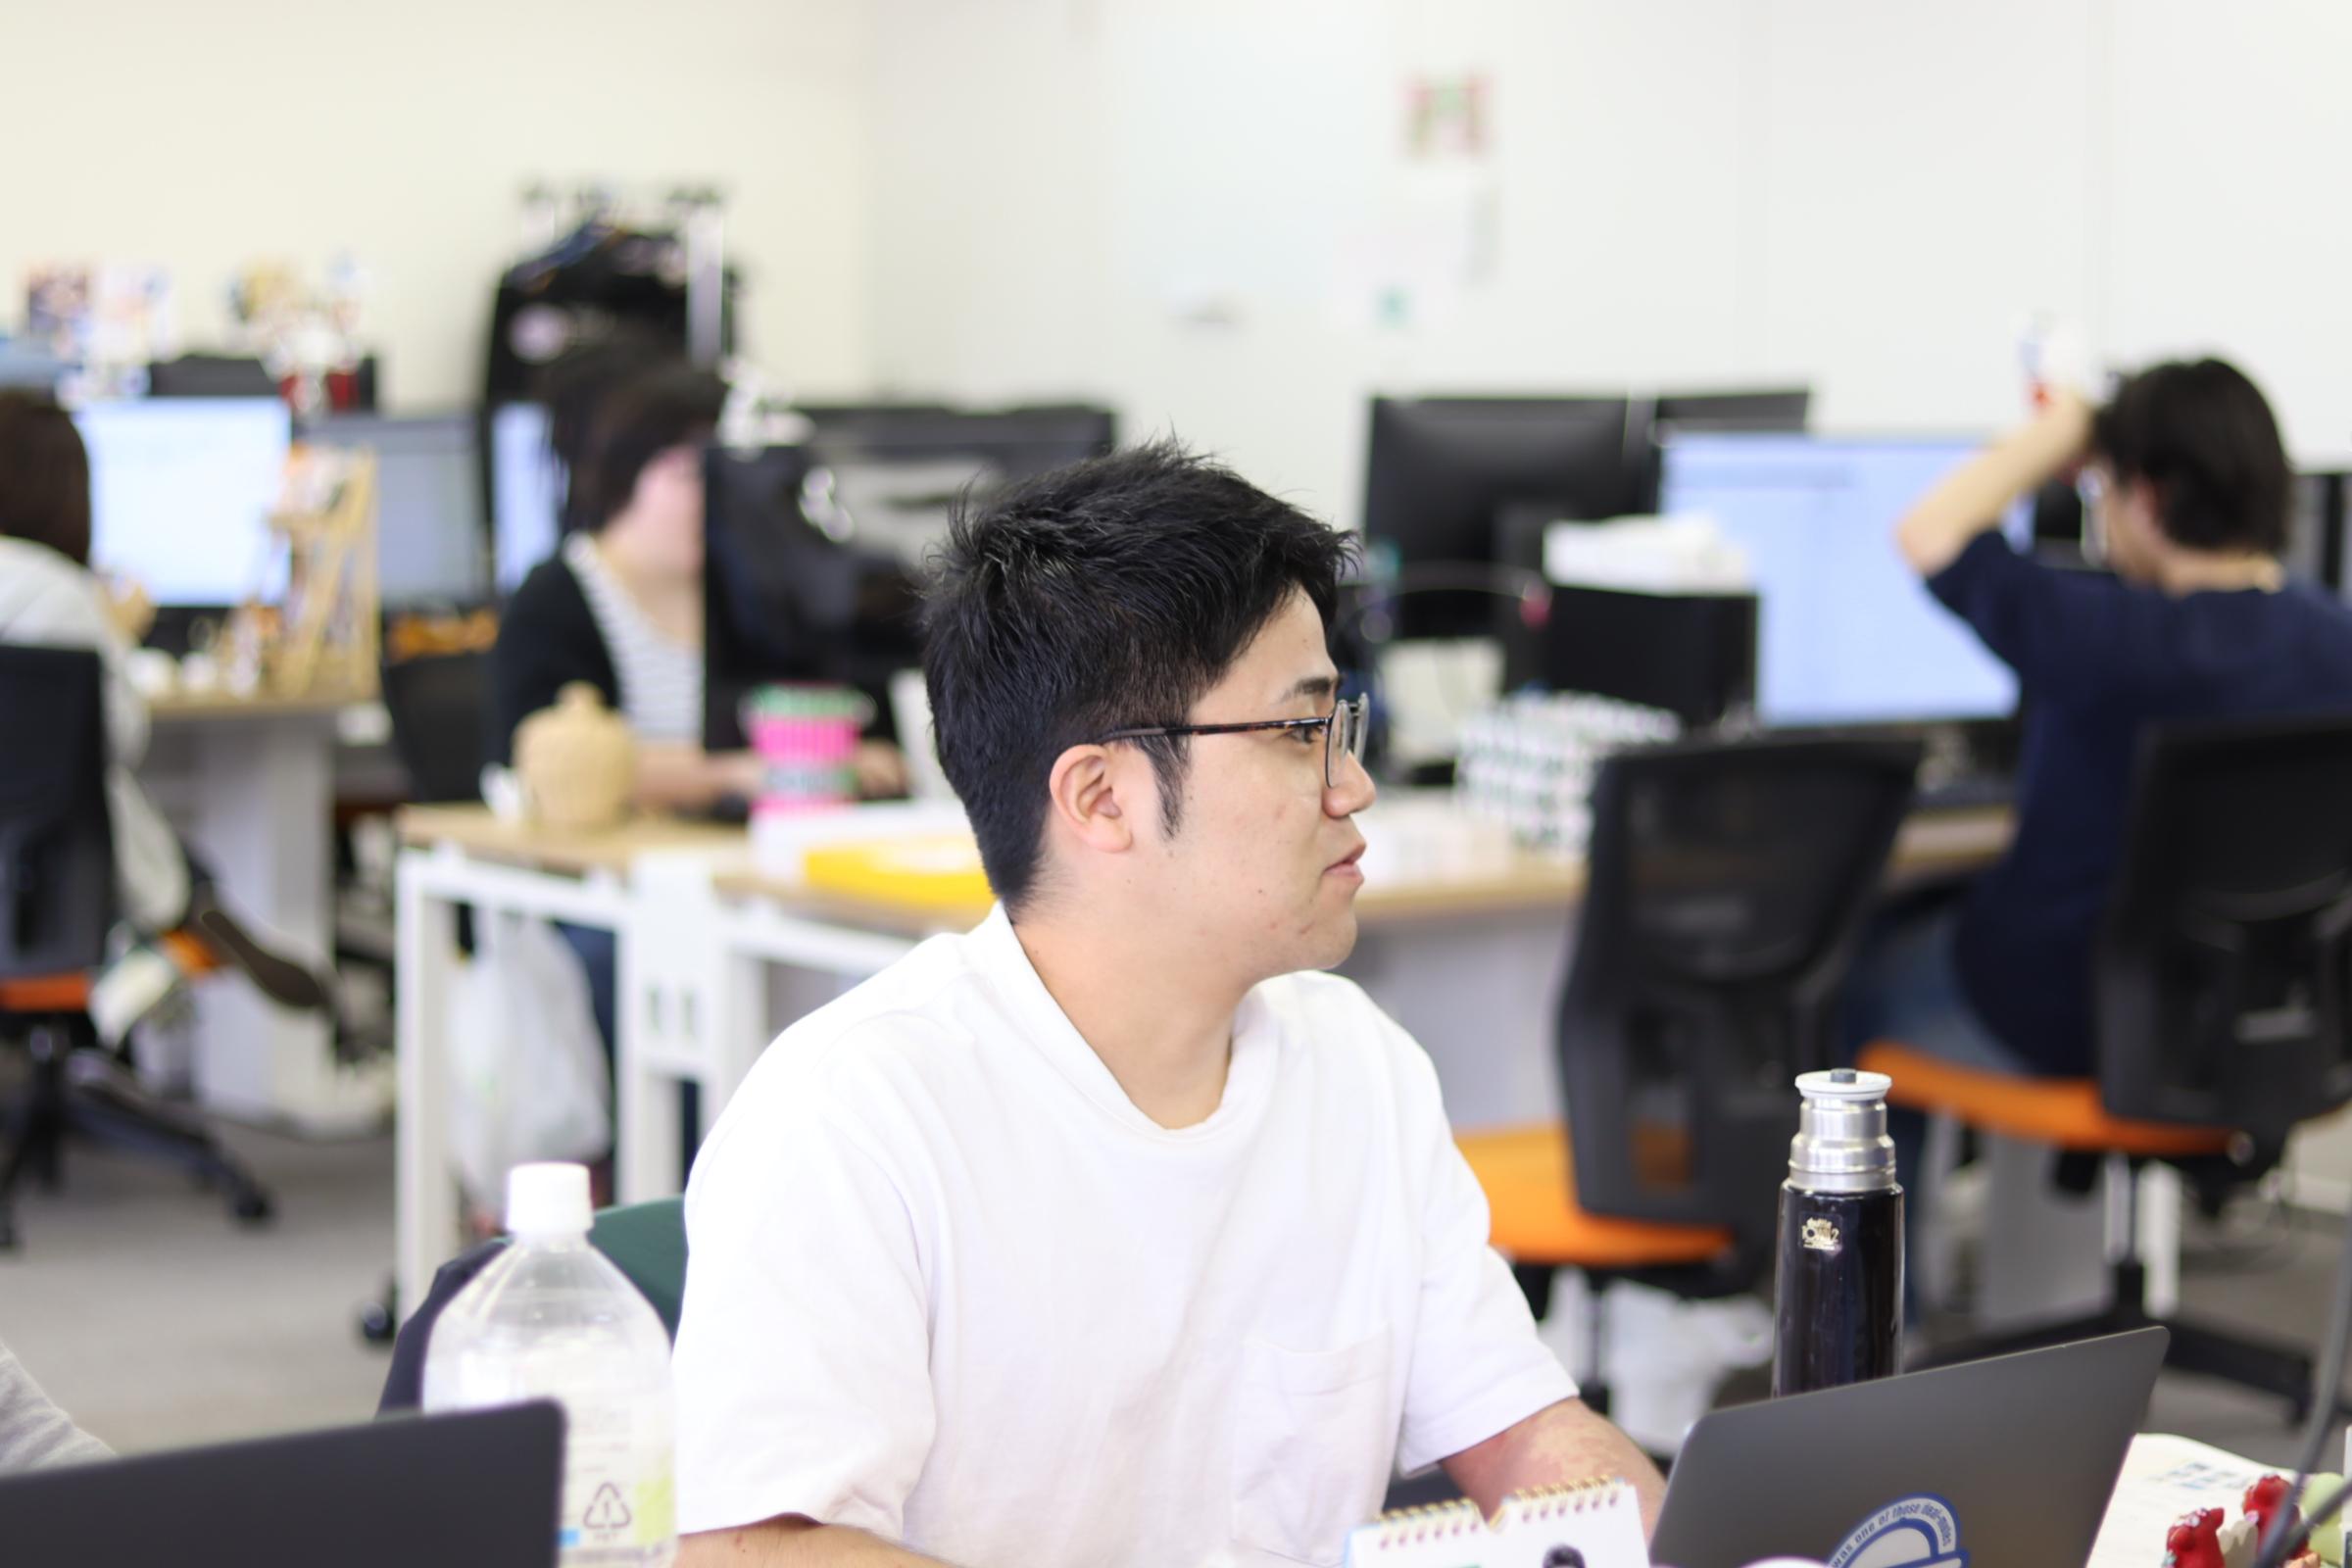 【ITアウトソーシング事業(主に運用保守)のシステムエンジニア■正社員】◆新規サービスの企画から開発・運用まで幅広く担当いただきます◆日本トップクラスの企業のシステム開発に携わることができます!◆